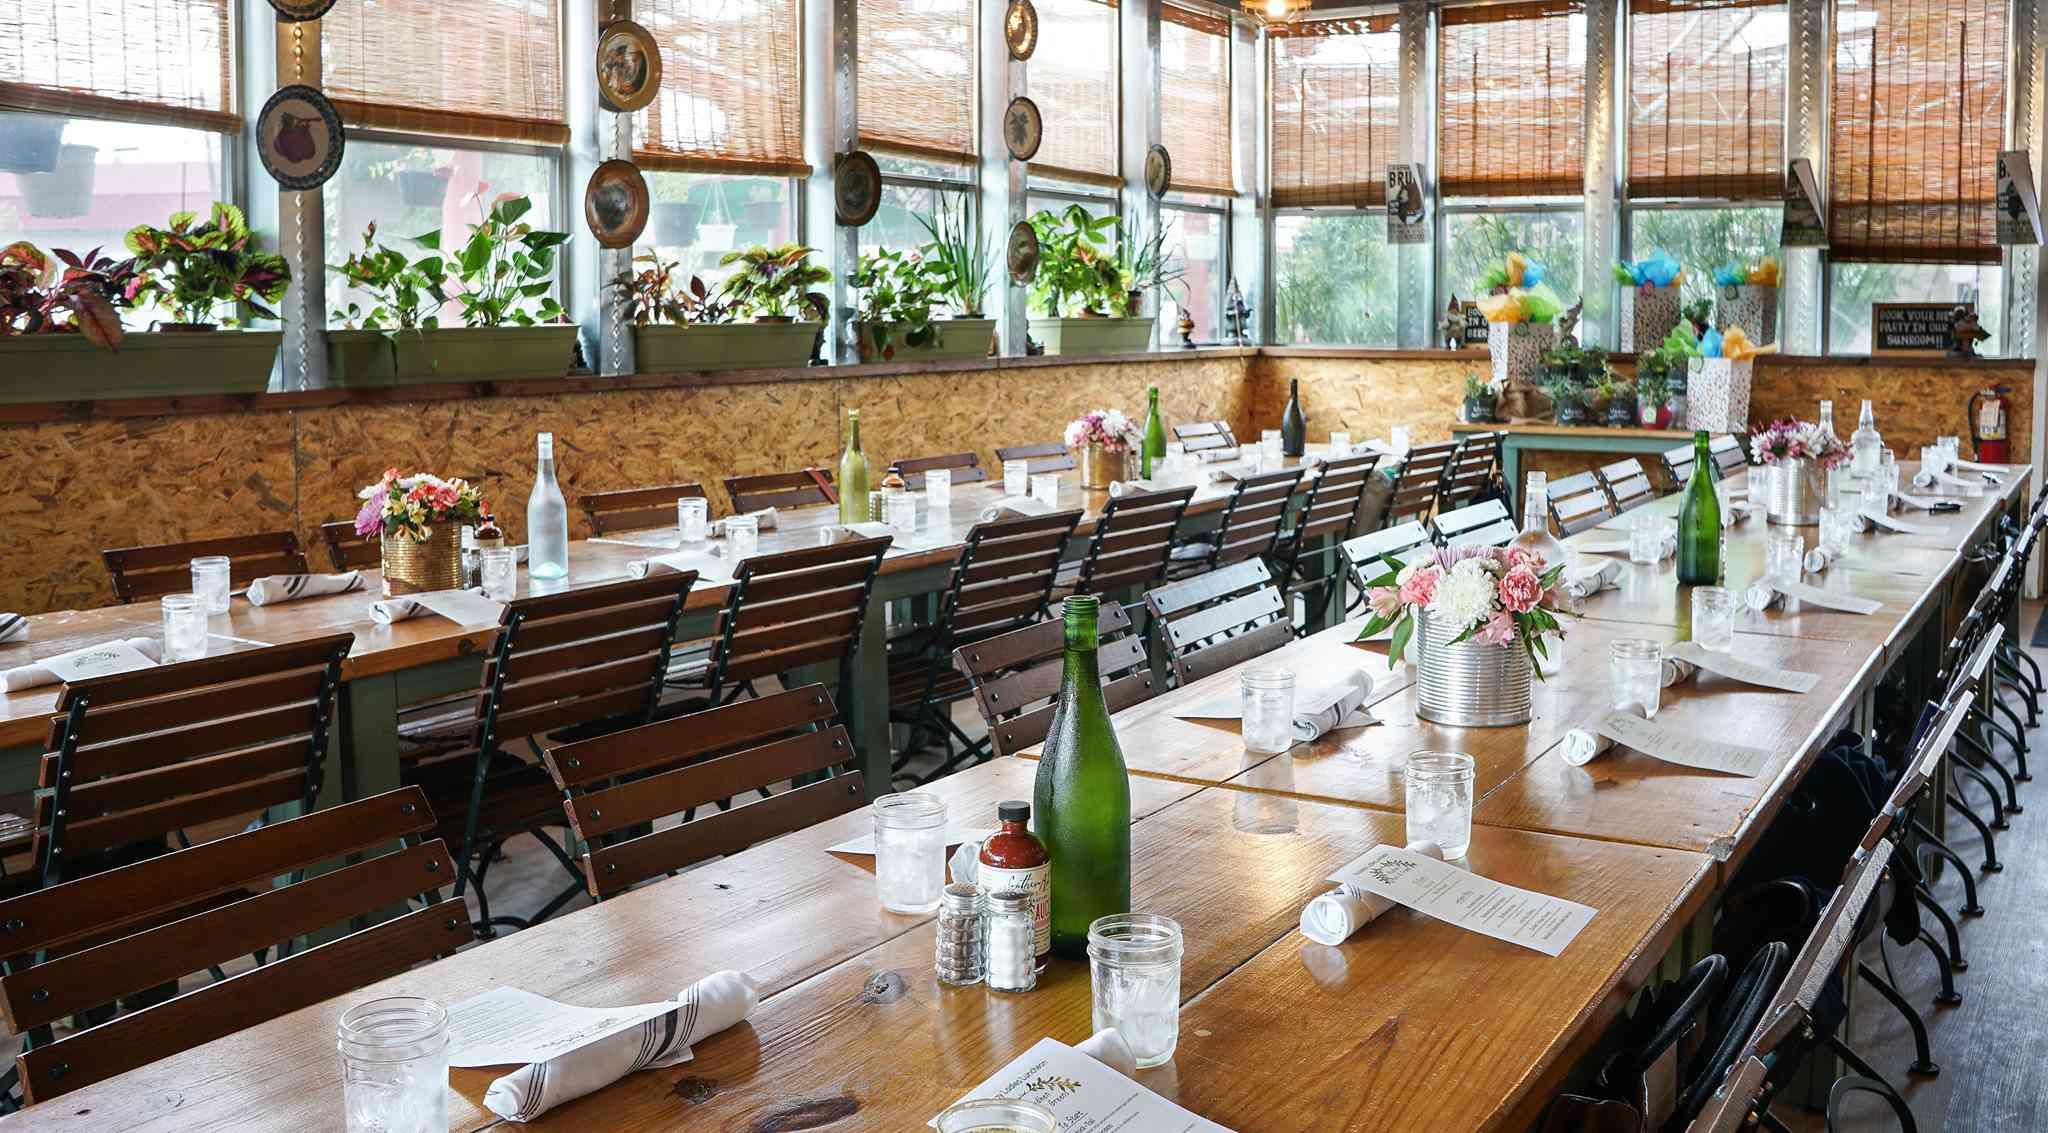 Mesa de comedor larga con cubiertos, flores y botellas de agua verdes